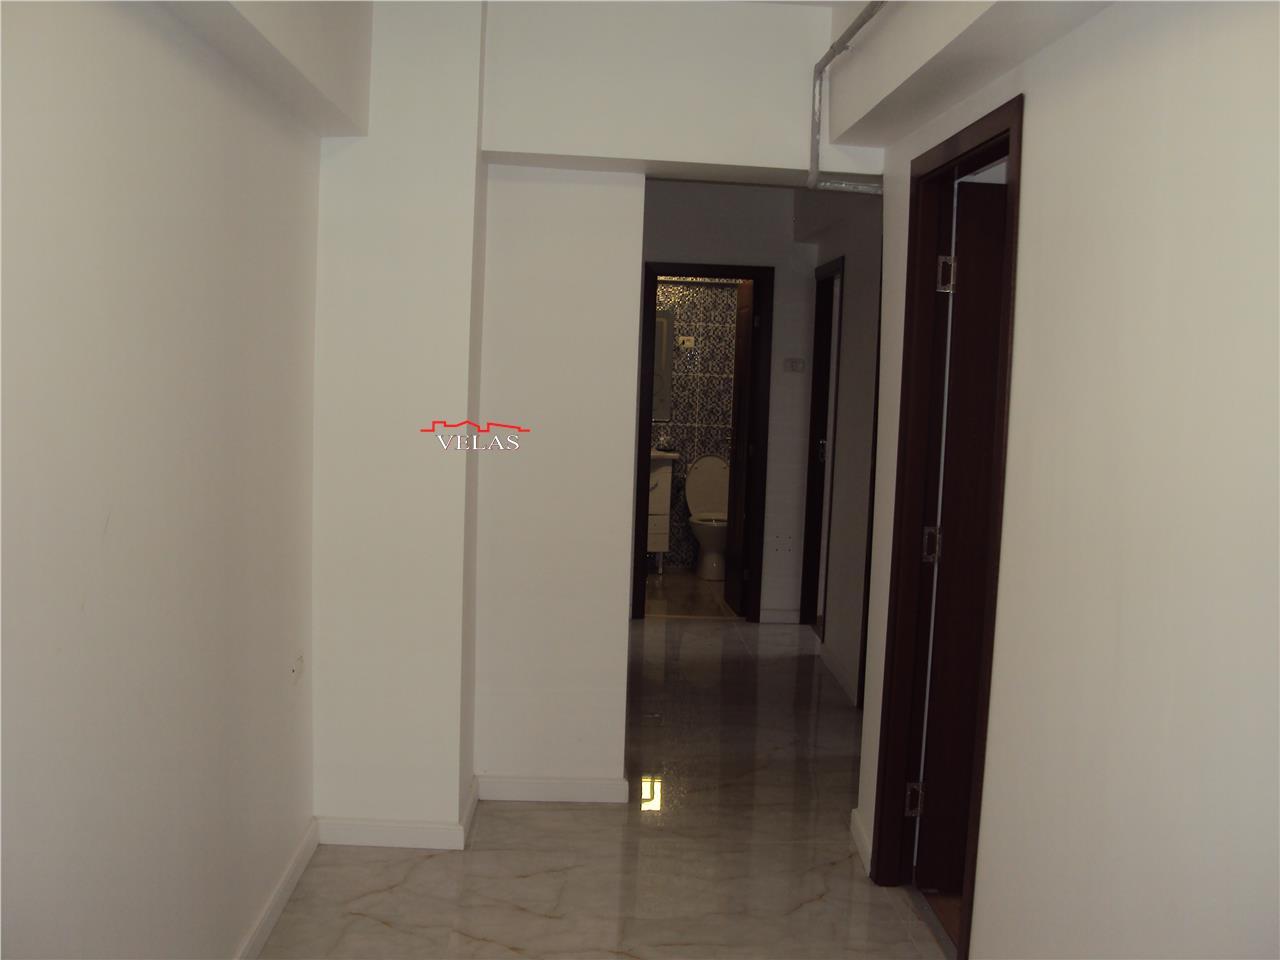 Apartament 3 camere, et 3 , mobilat si utilat ,CT, Piata Unirii